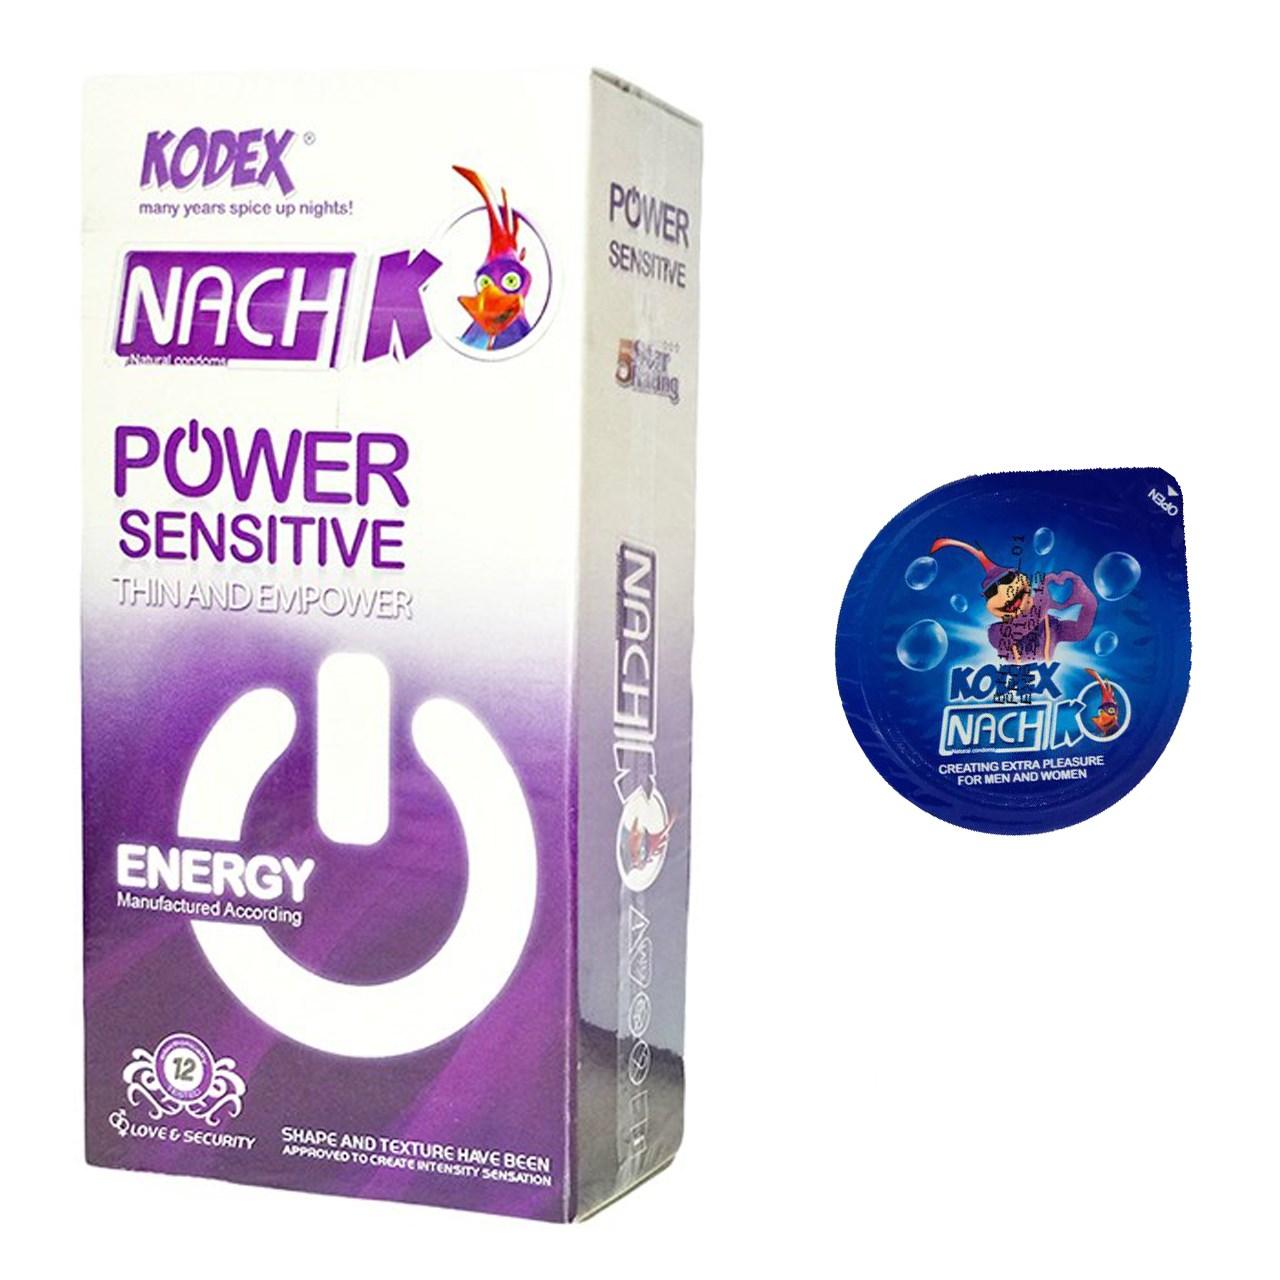 قیمت کاندوم محرک مدل بلیسر کدکس به همراه یک بسته کدکس مدل POWER SENSITIVE بسته 12 عددی